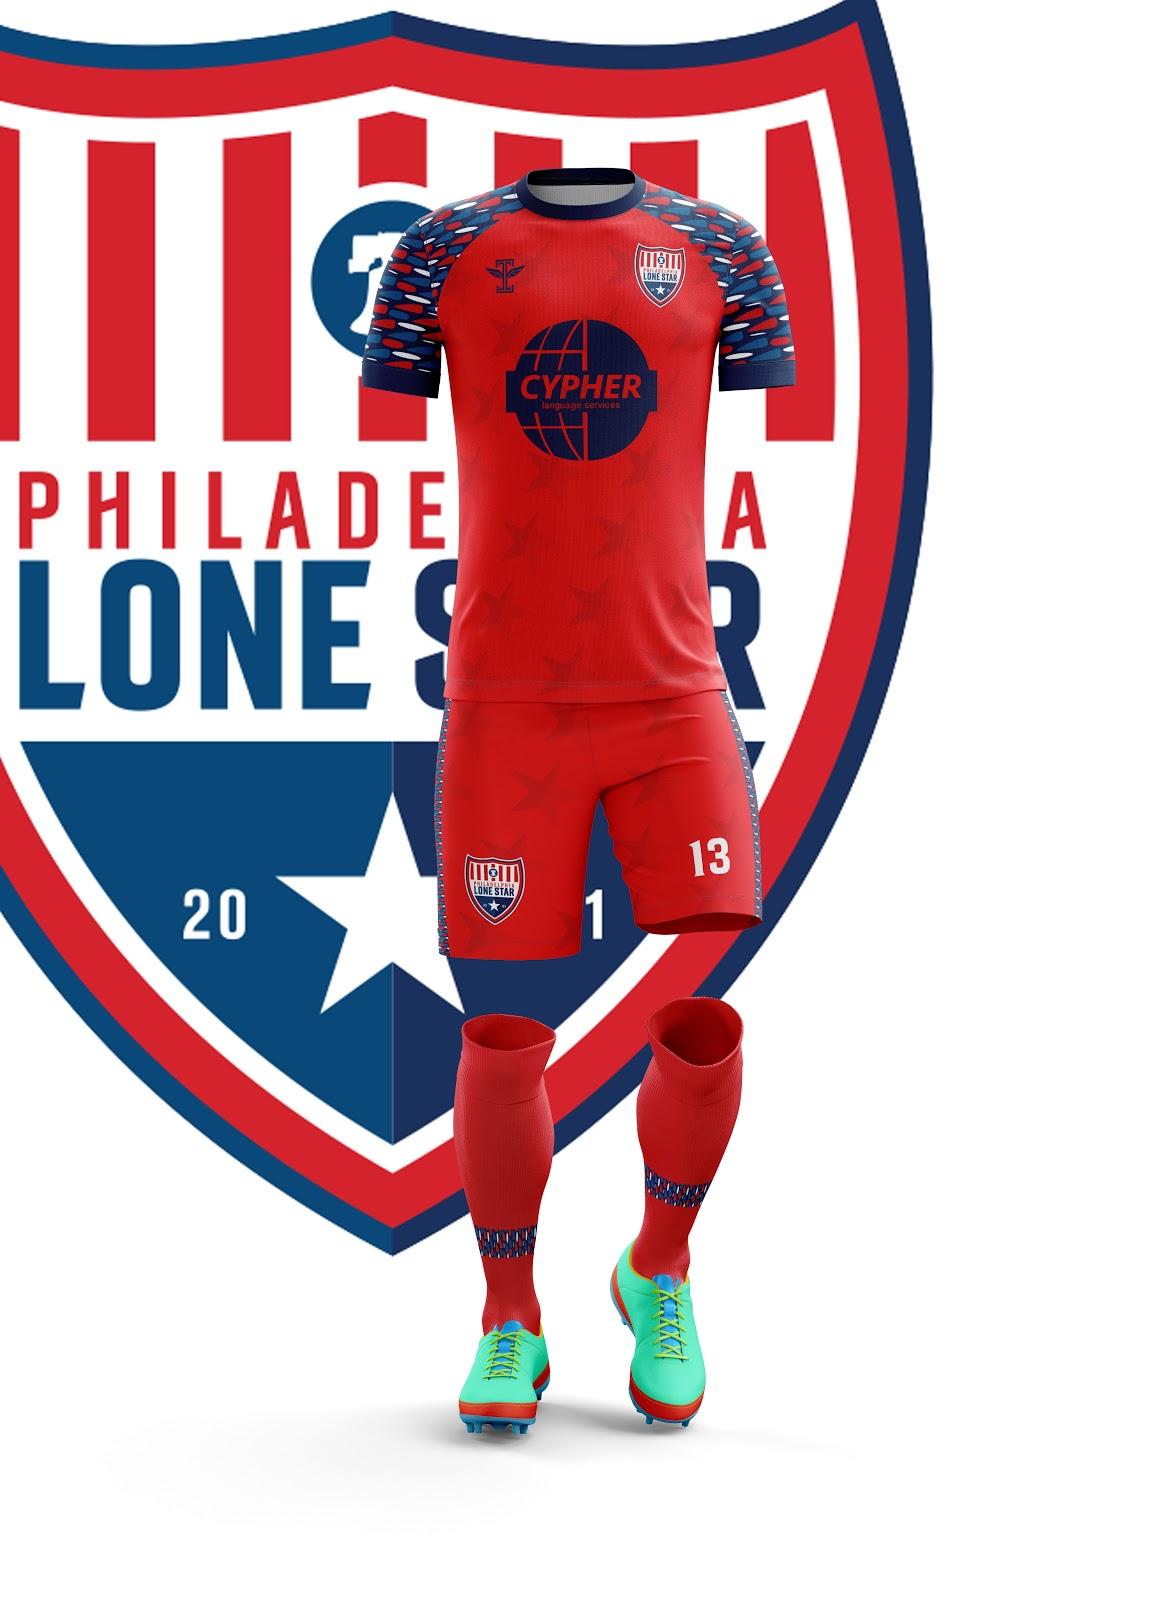 Philadelphia Lone Star African Red Star Kit 2.jpg